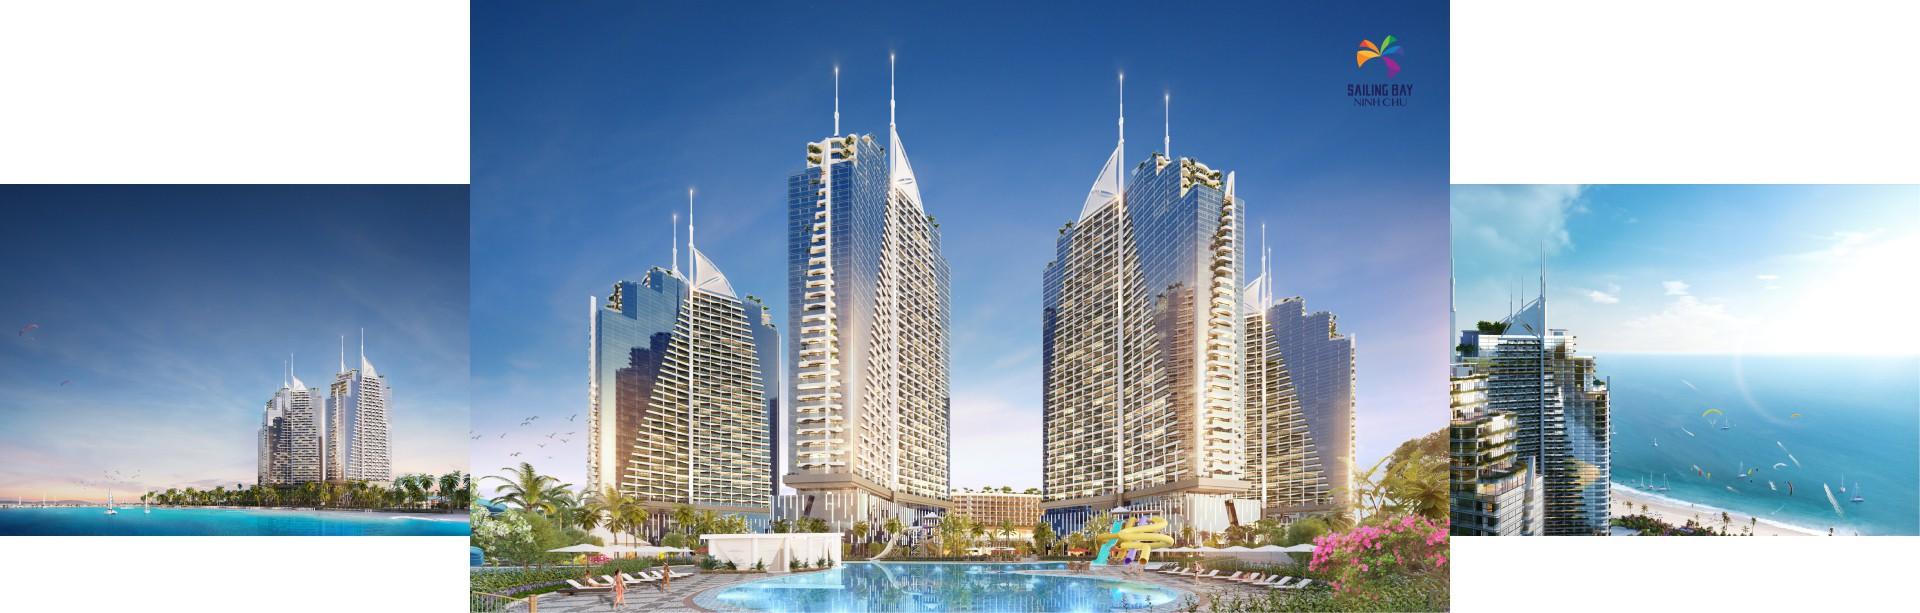 Vùng đất mới nâng tầm bất động sản du lịch - Ảnh 9.